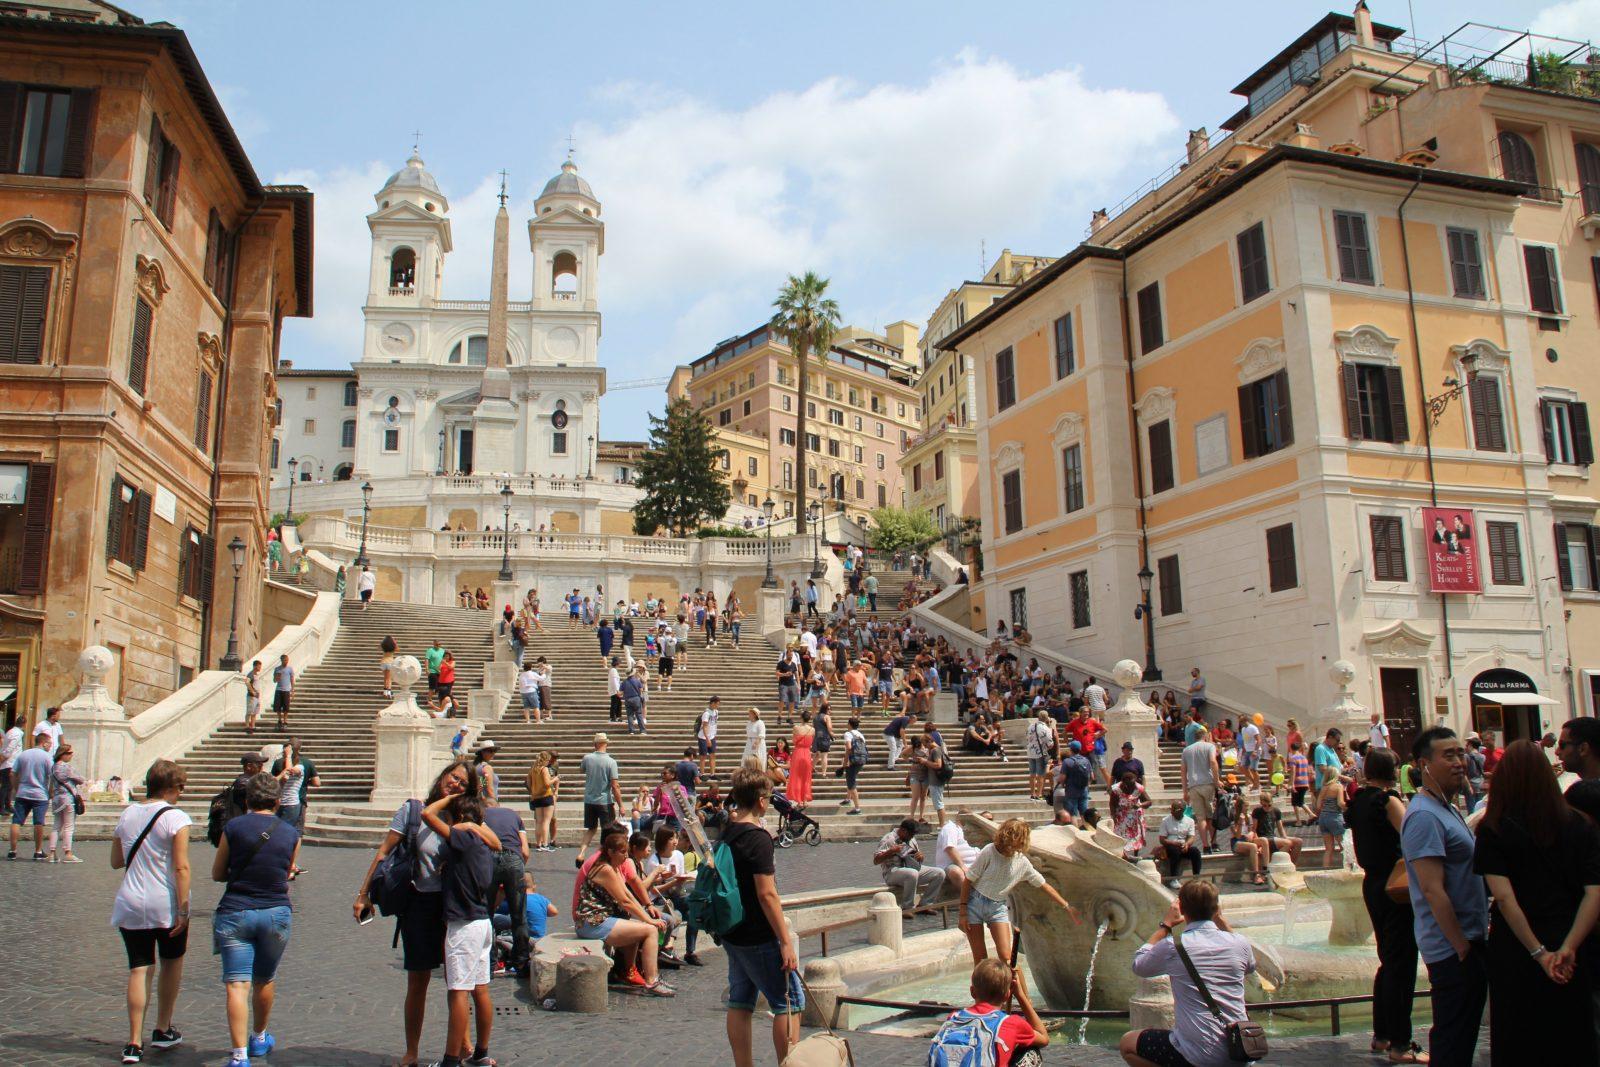 Forza Roma Ein Langes Wochenende In Rom  Woiczik von Spanische Treppe Rom Gesperrt Photo